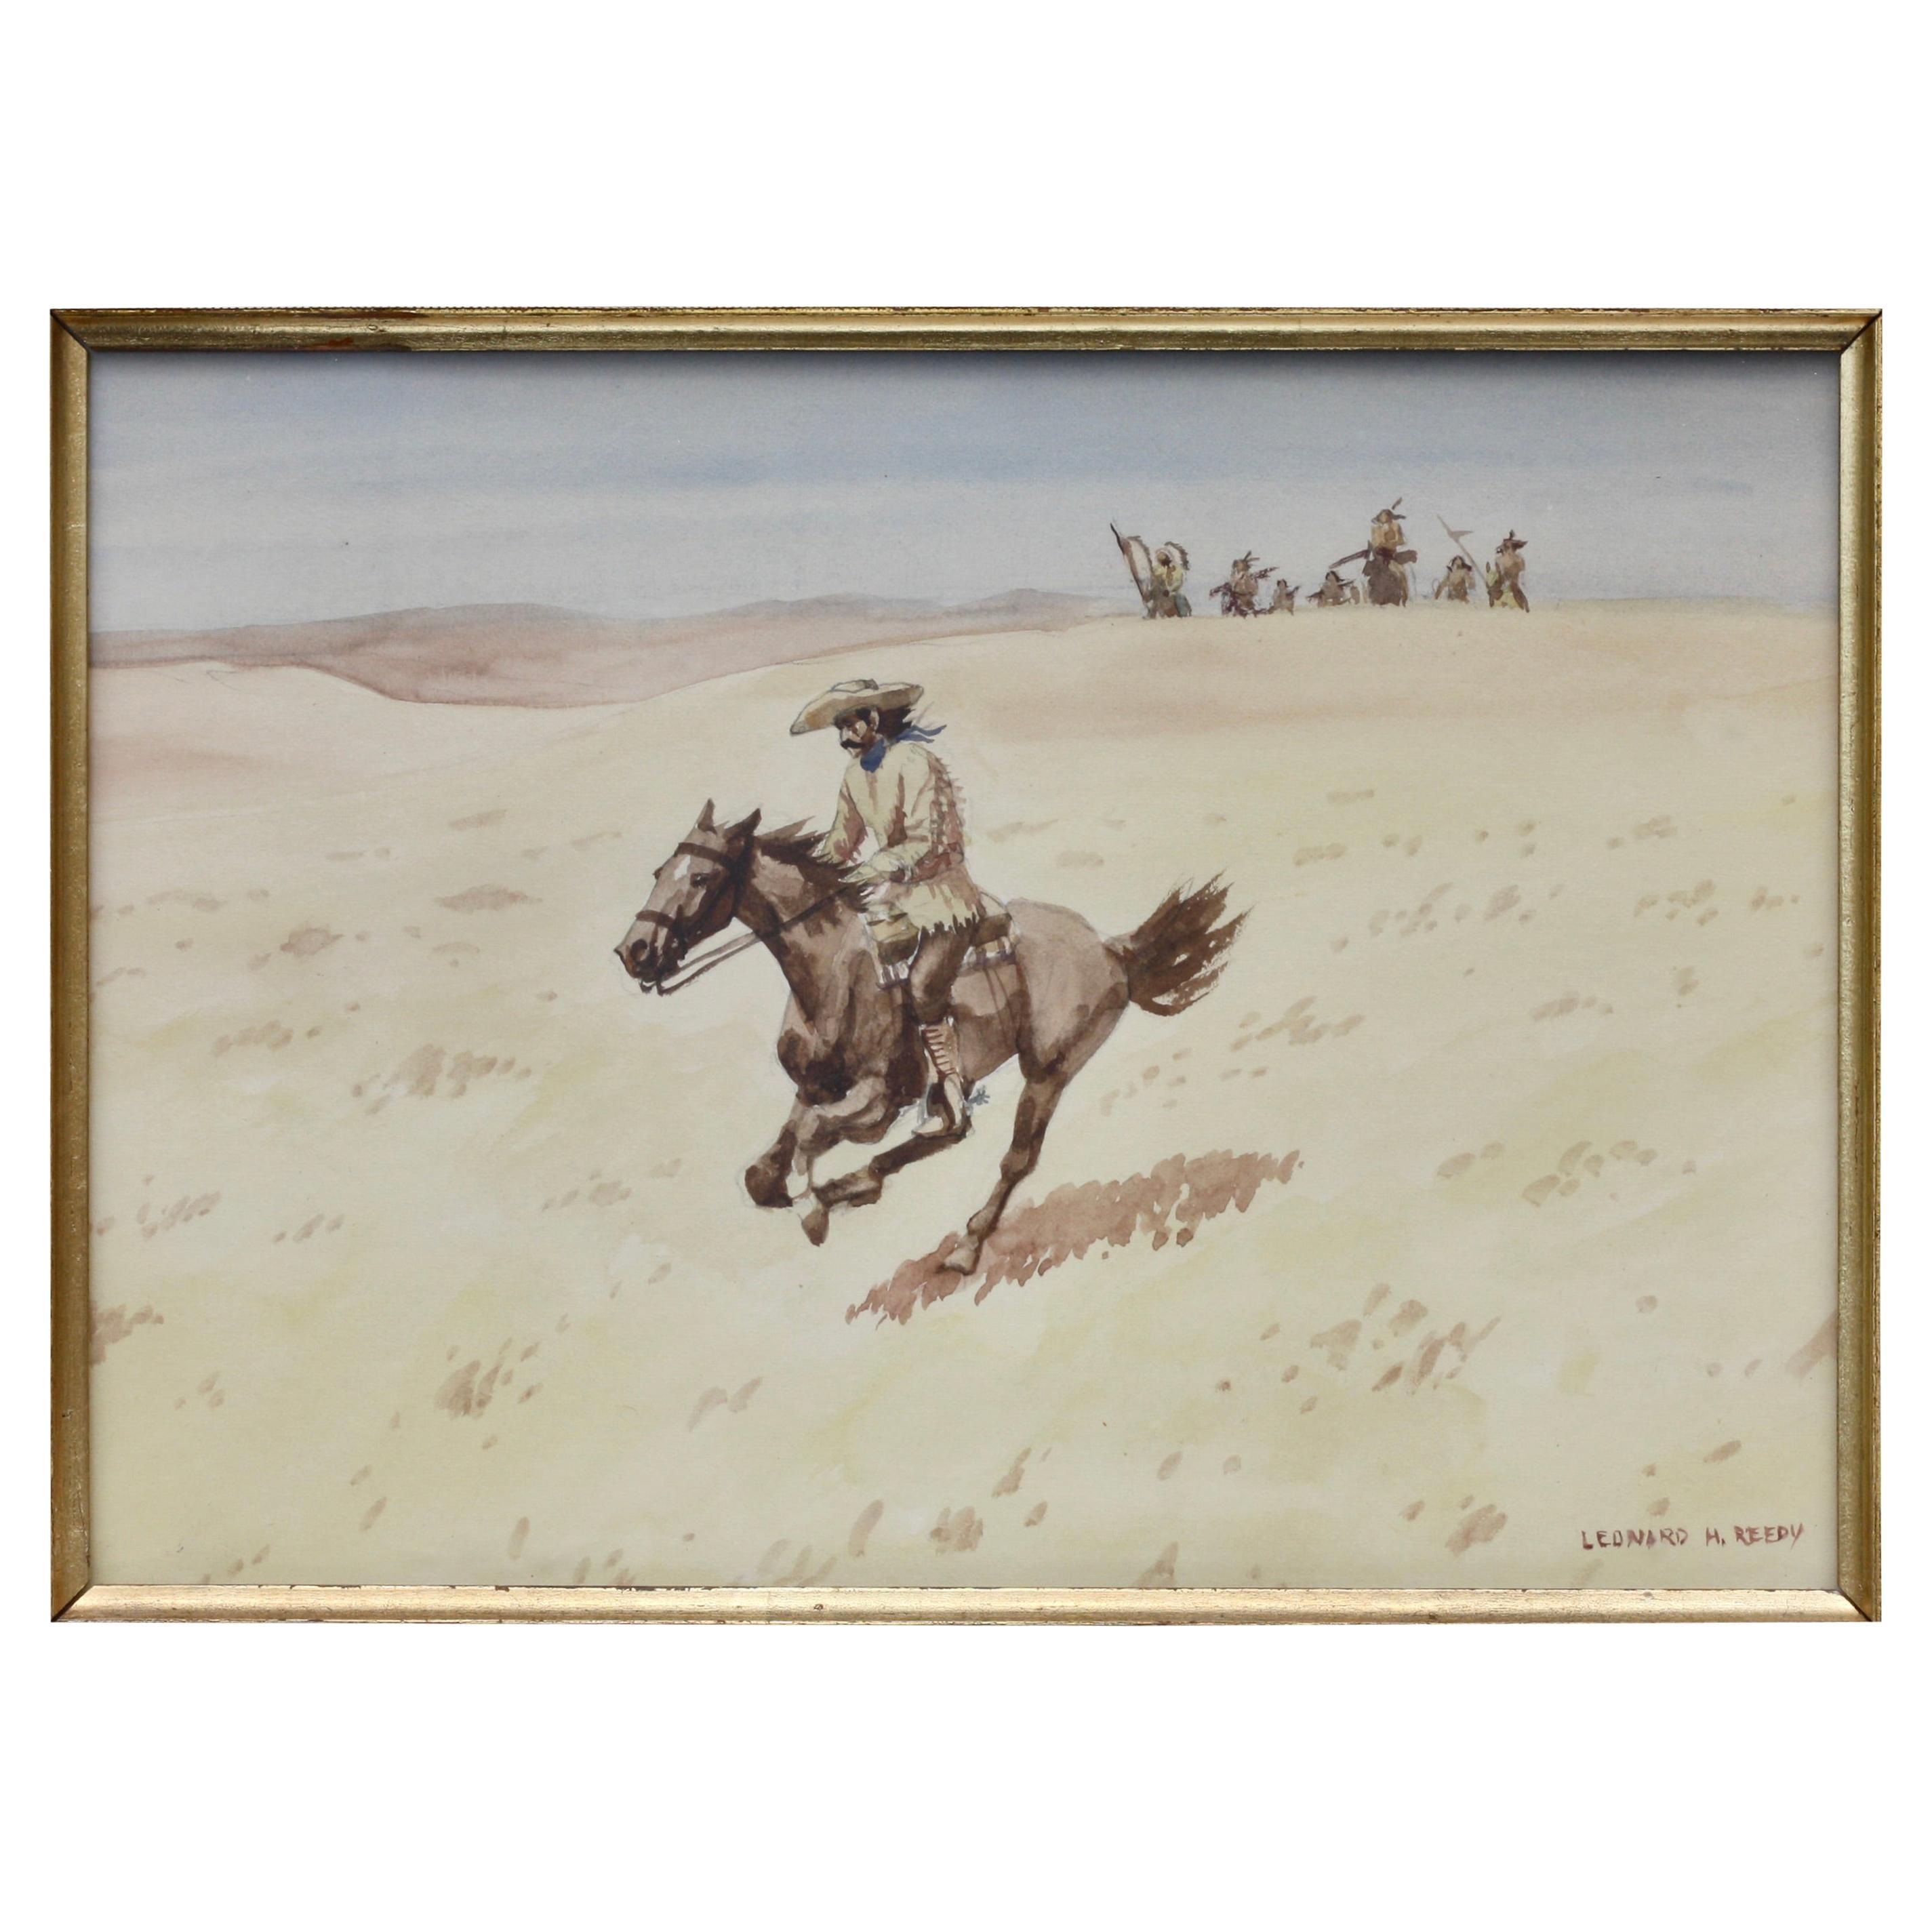 Leonard Howard Reedy Attack on the Pony Express